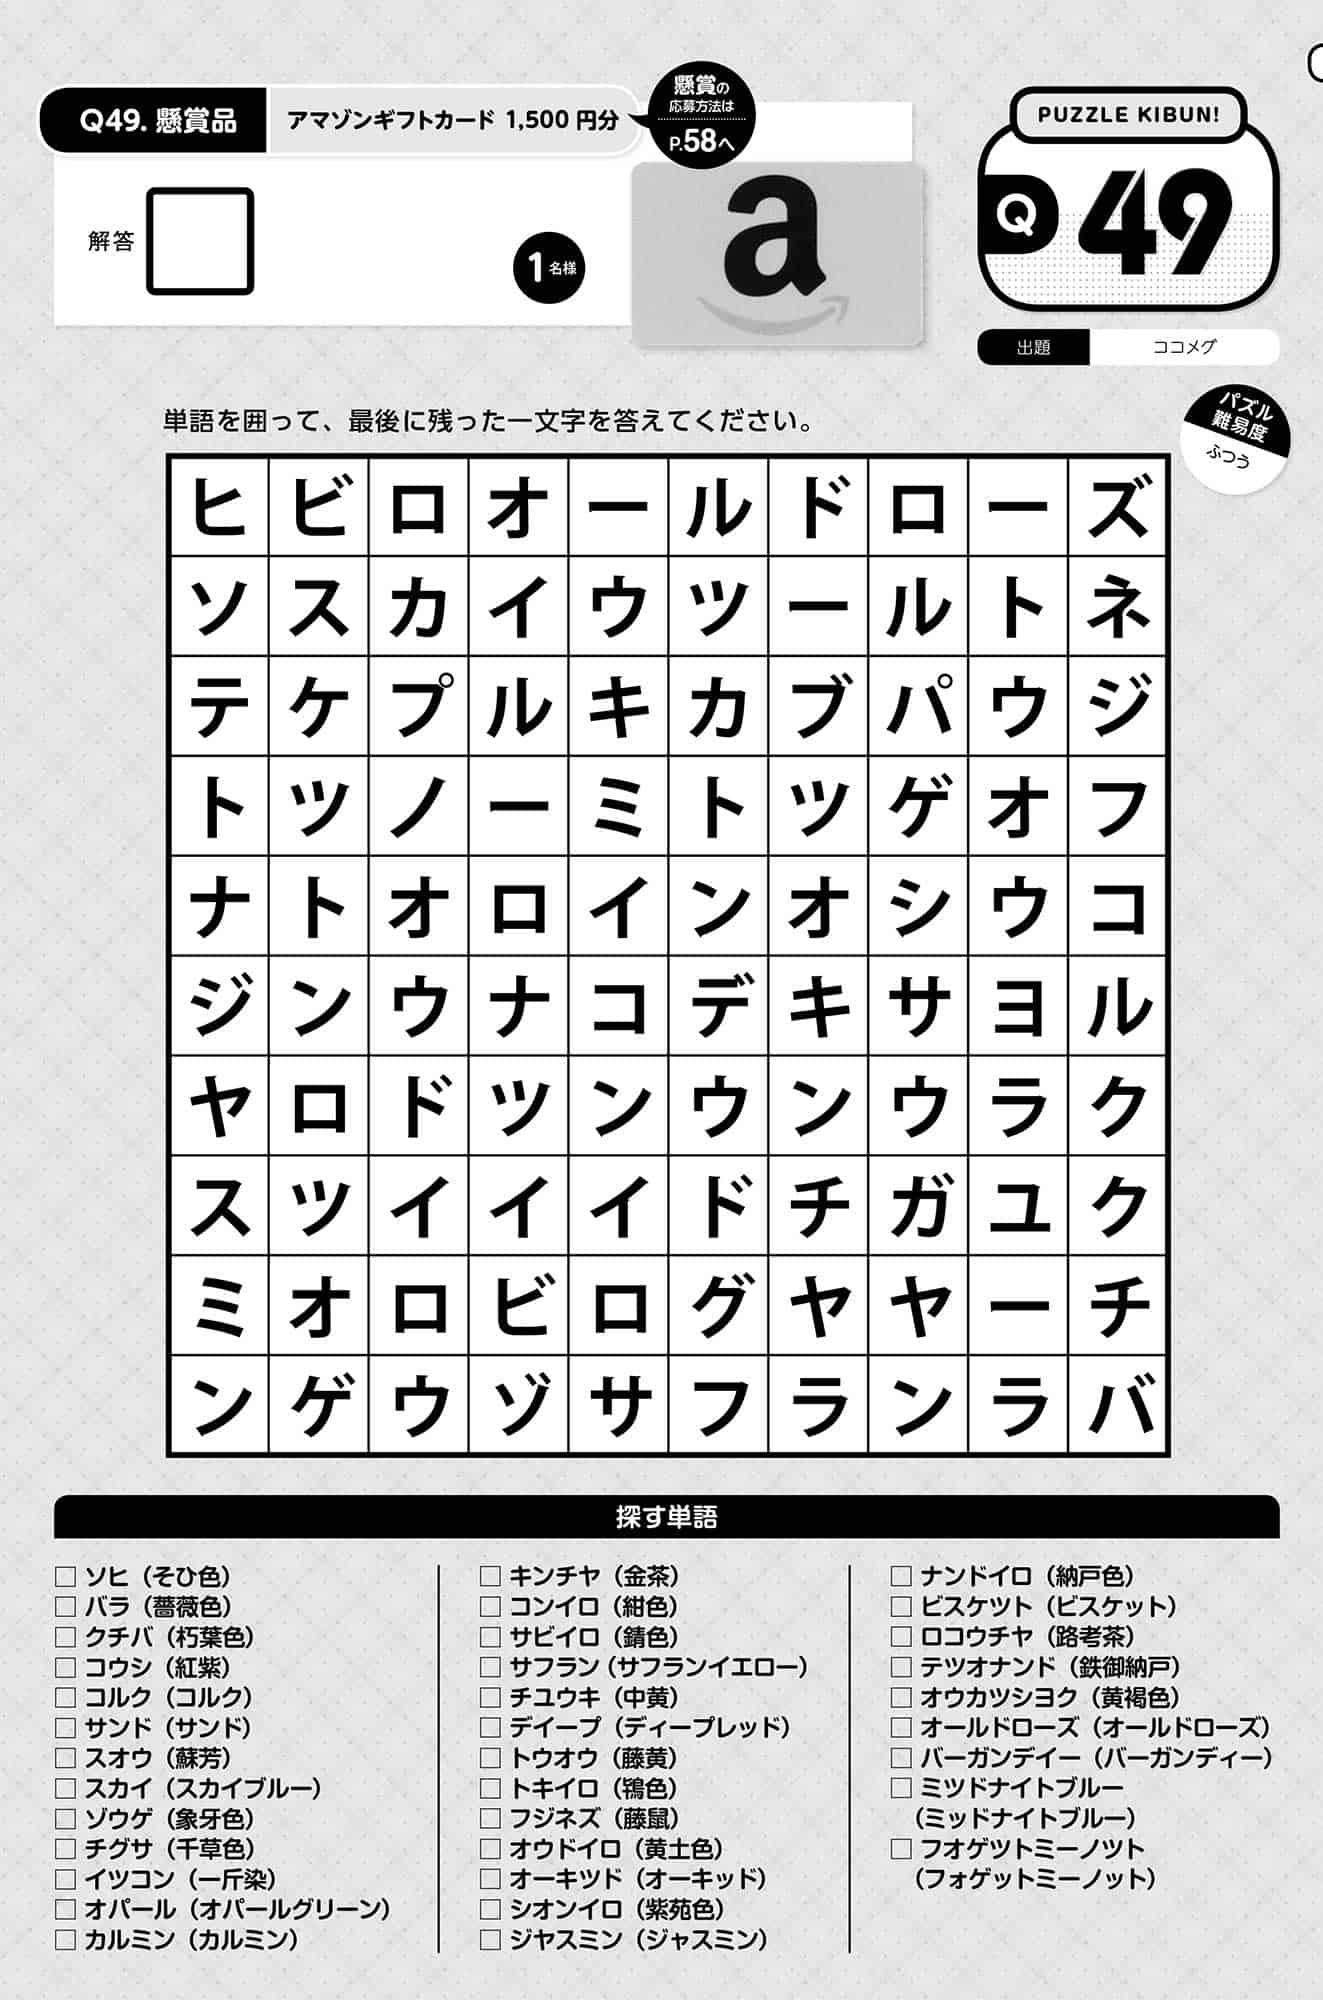 【パズルきぶん Vol.3】Q49 カタカナワードサーチ3